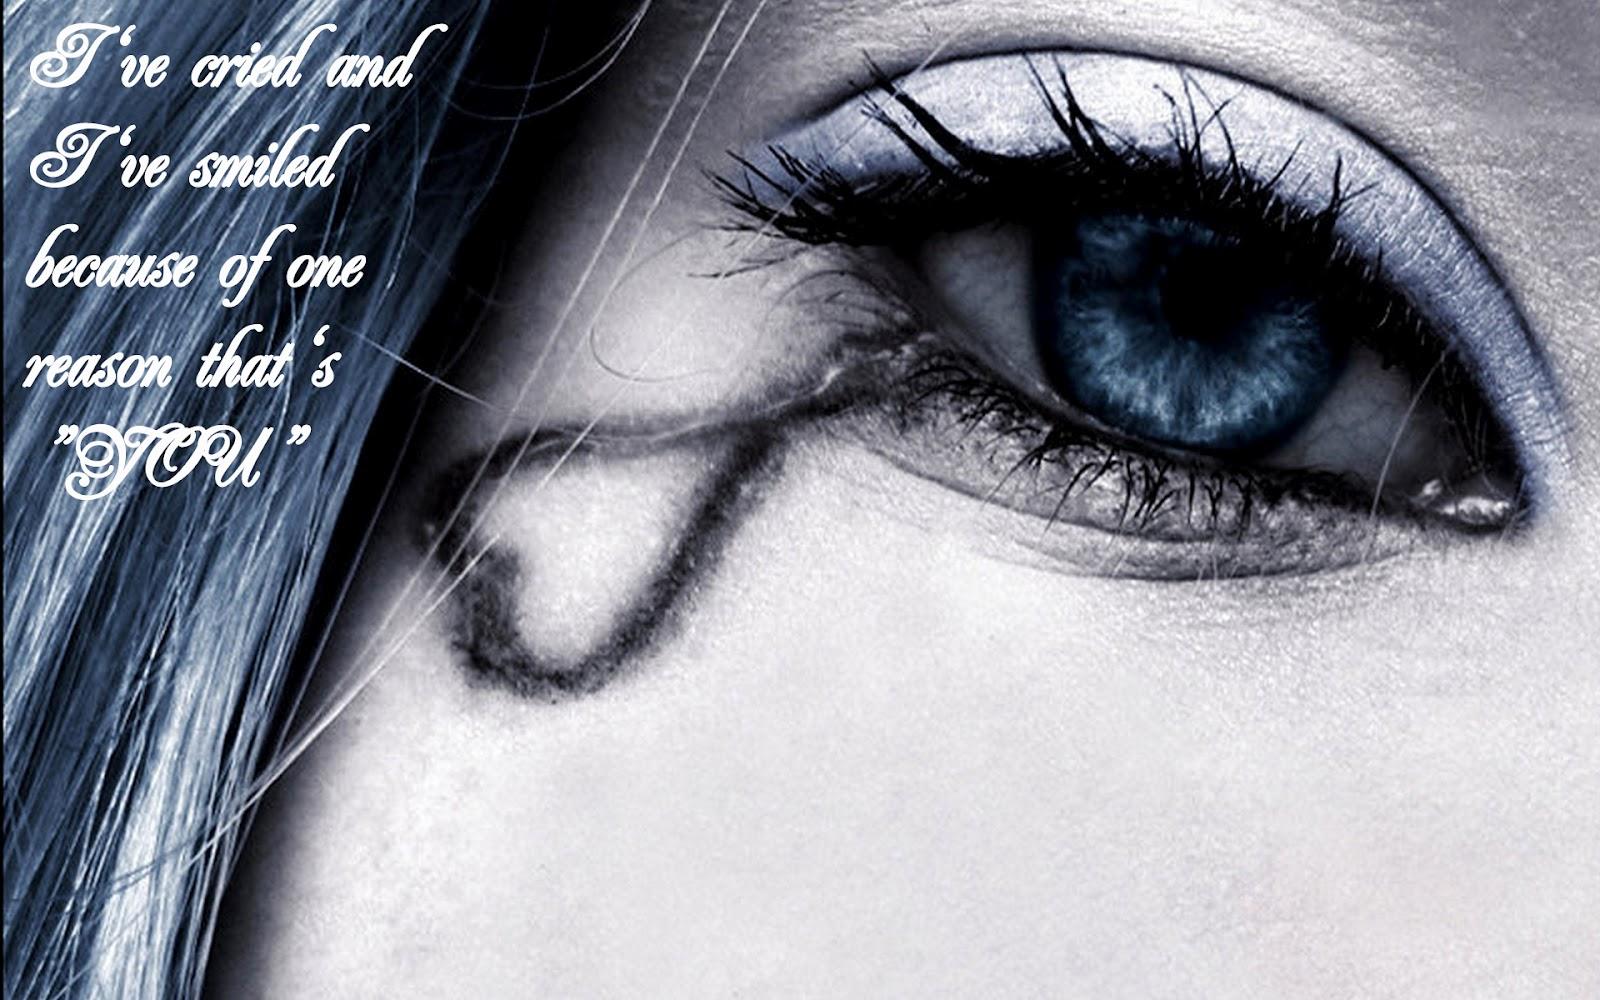 Hình ảnh cô gái buồn đầy tâm trạng và đau đớn nhất trong tình yêu